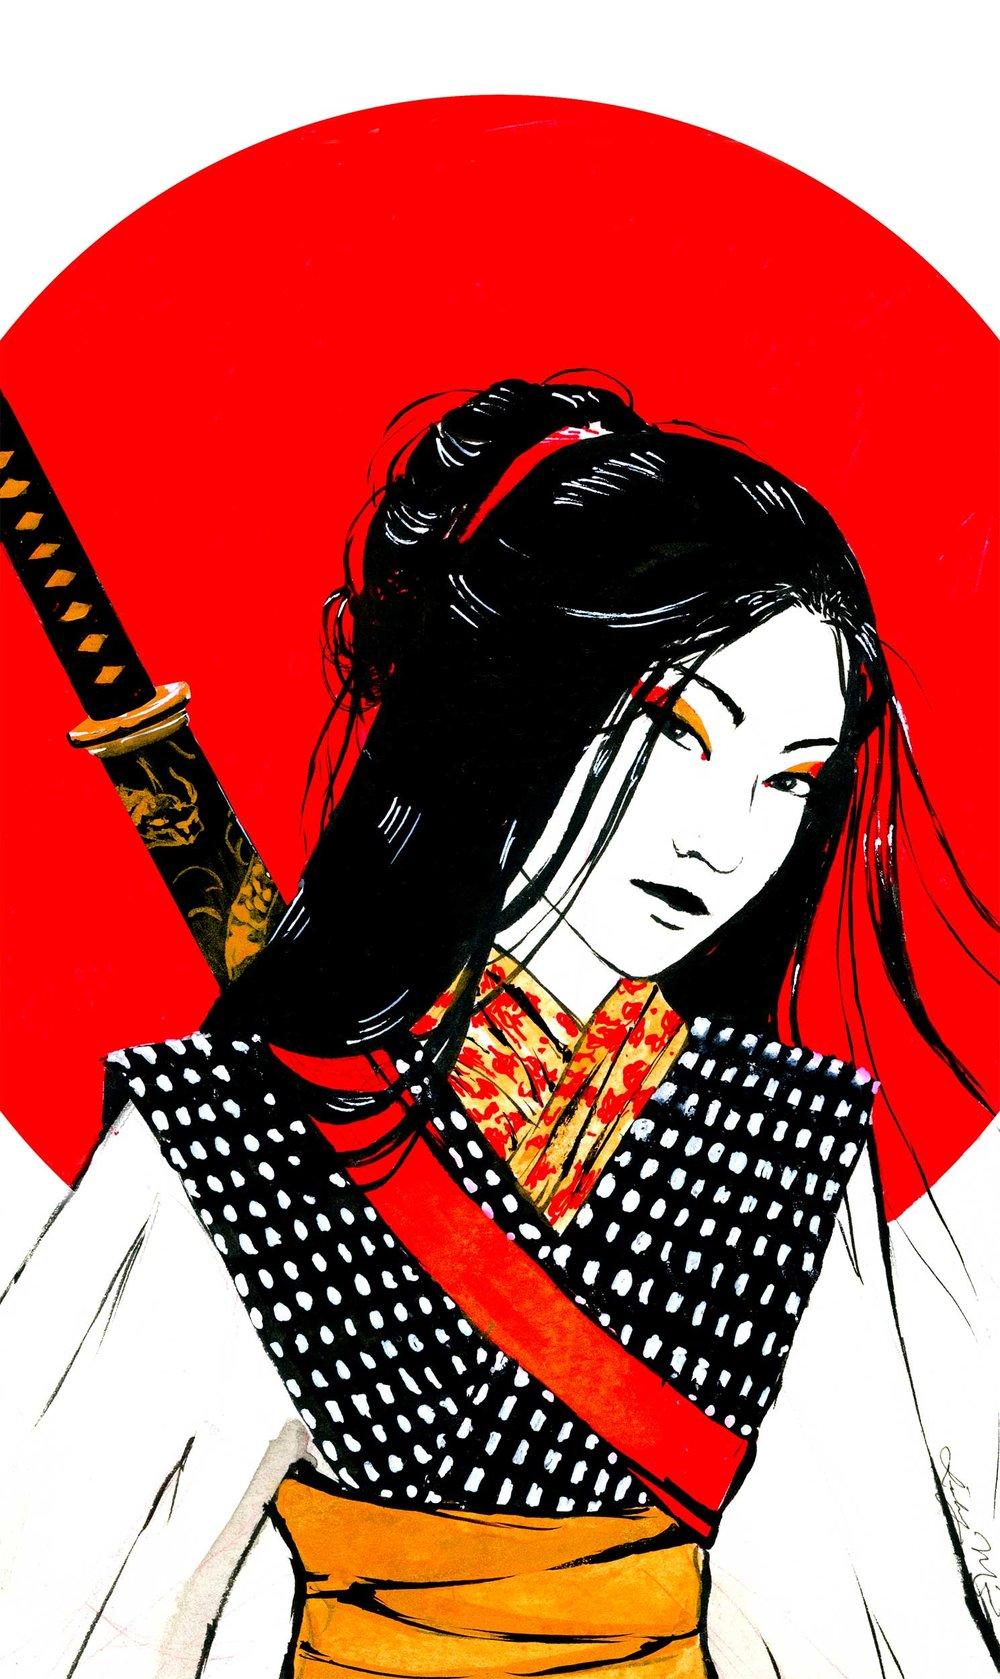 Samurai_2500.jpg